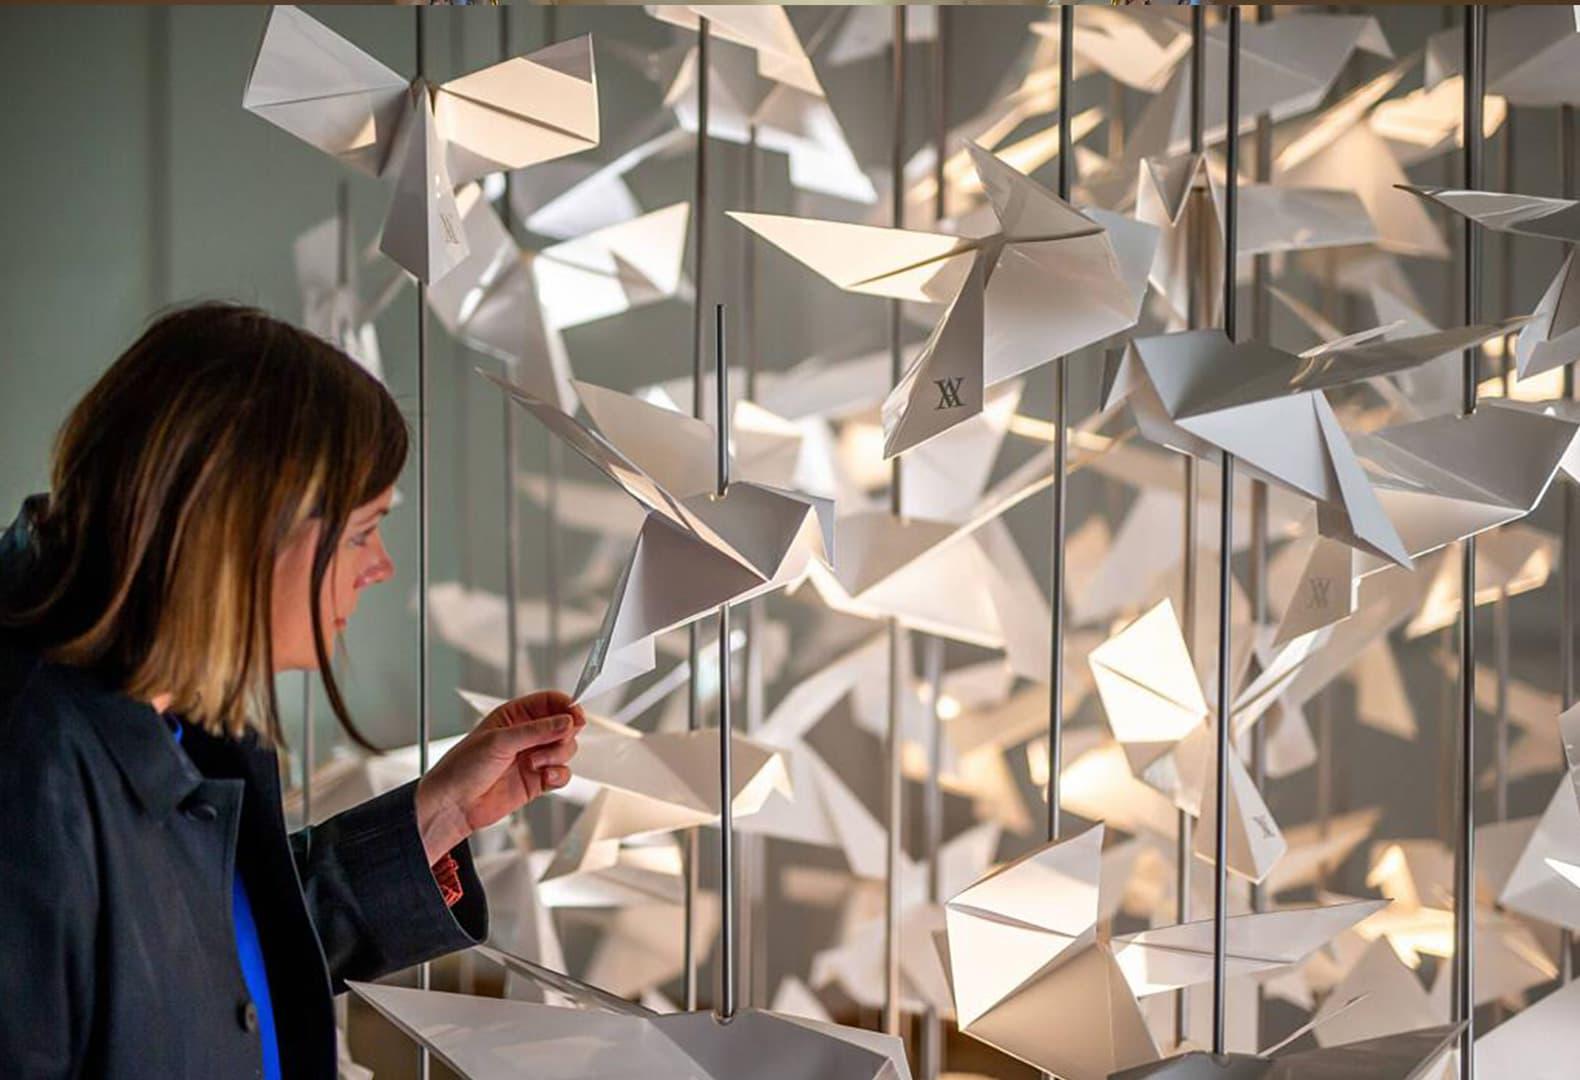 Дерево из бумажных птиц в музее Виктории и Альберта